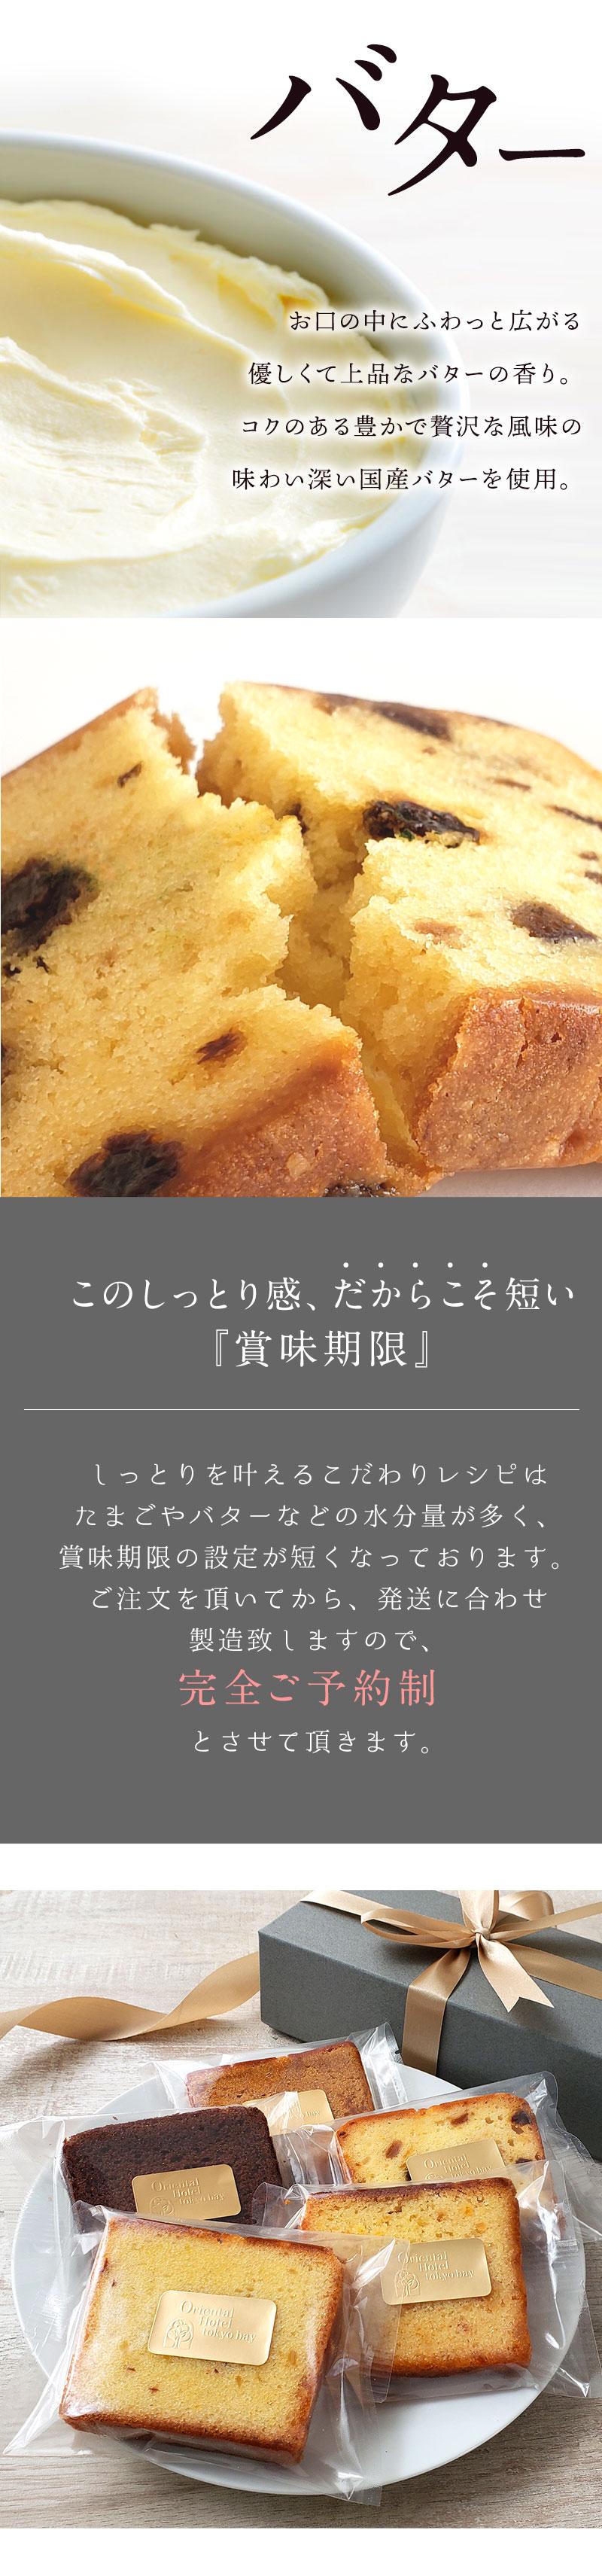 ホテルスイーツ パウンドケーキ クッキー母の日 ギフト